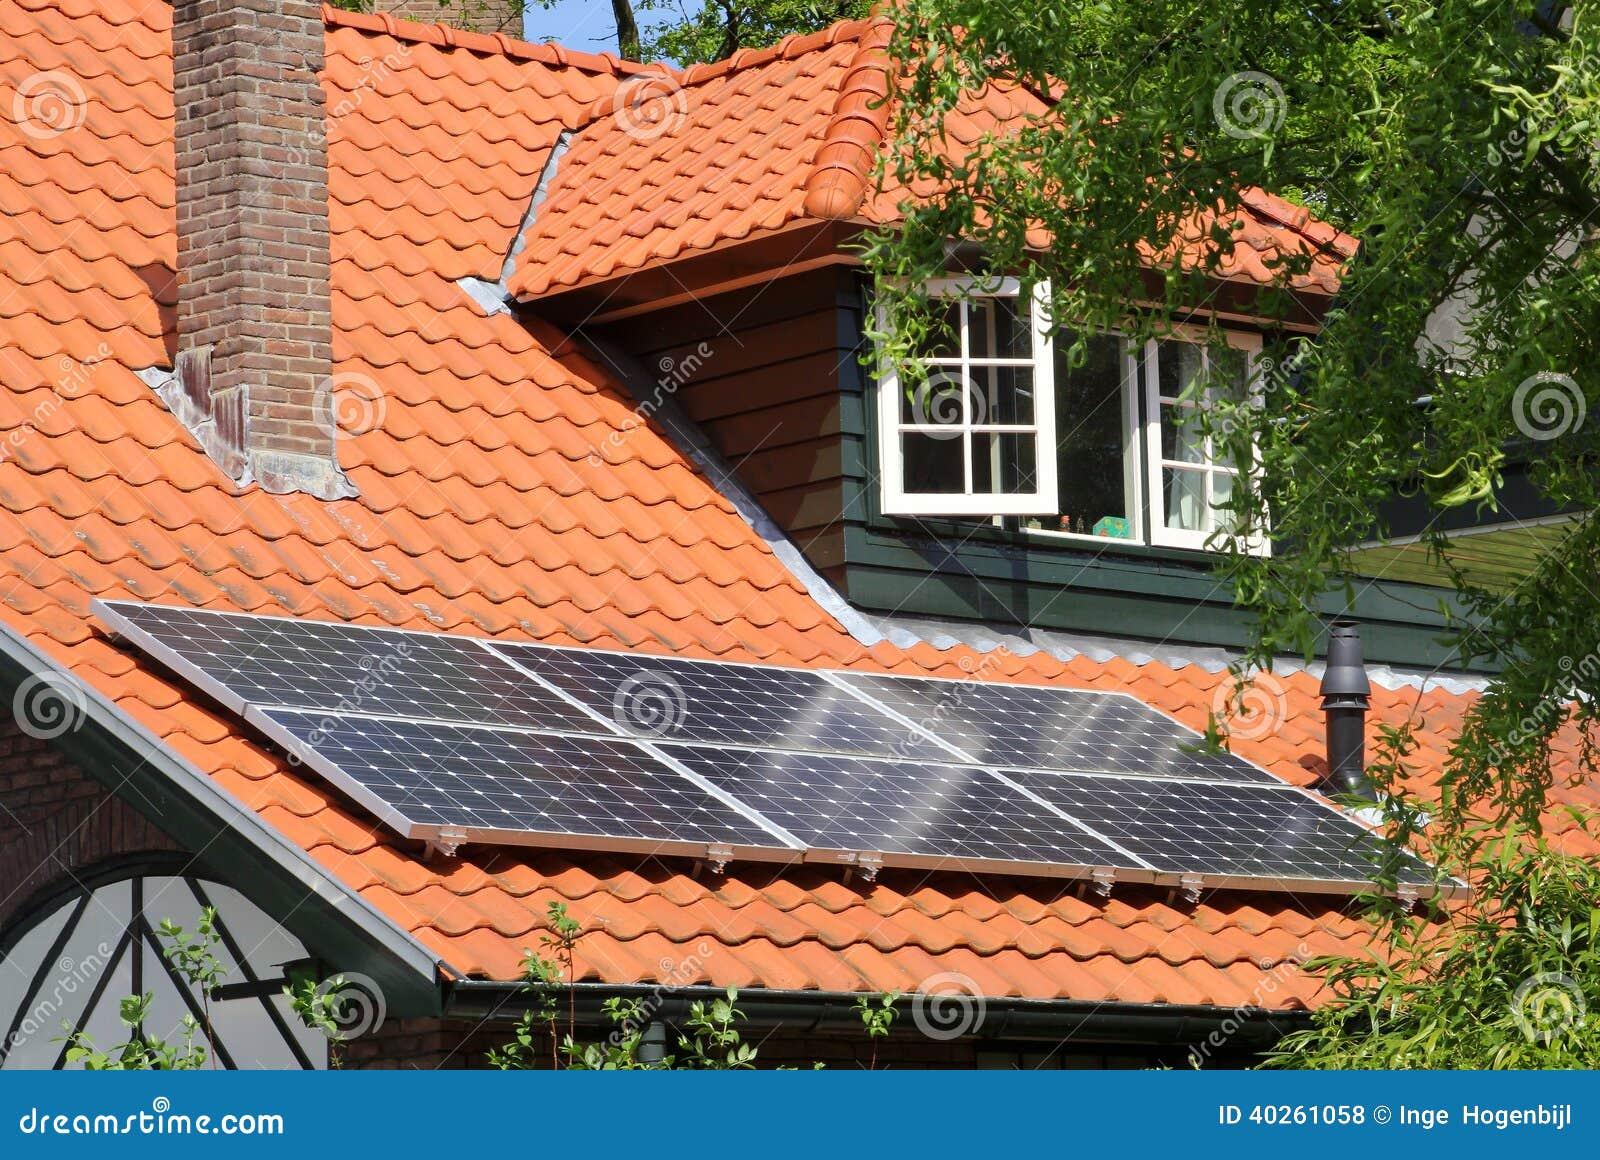 Modern Solar Panels On Scenic Red Tiled Roof Nl Stock